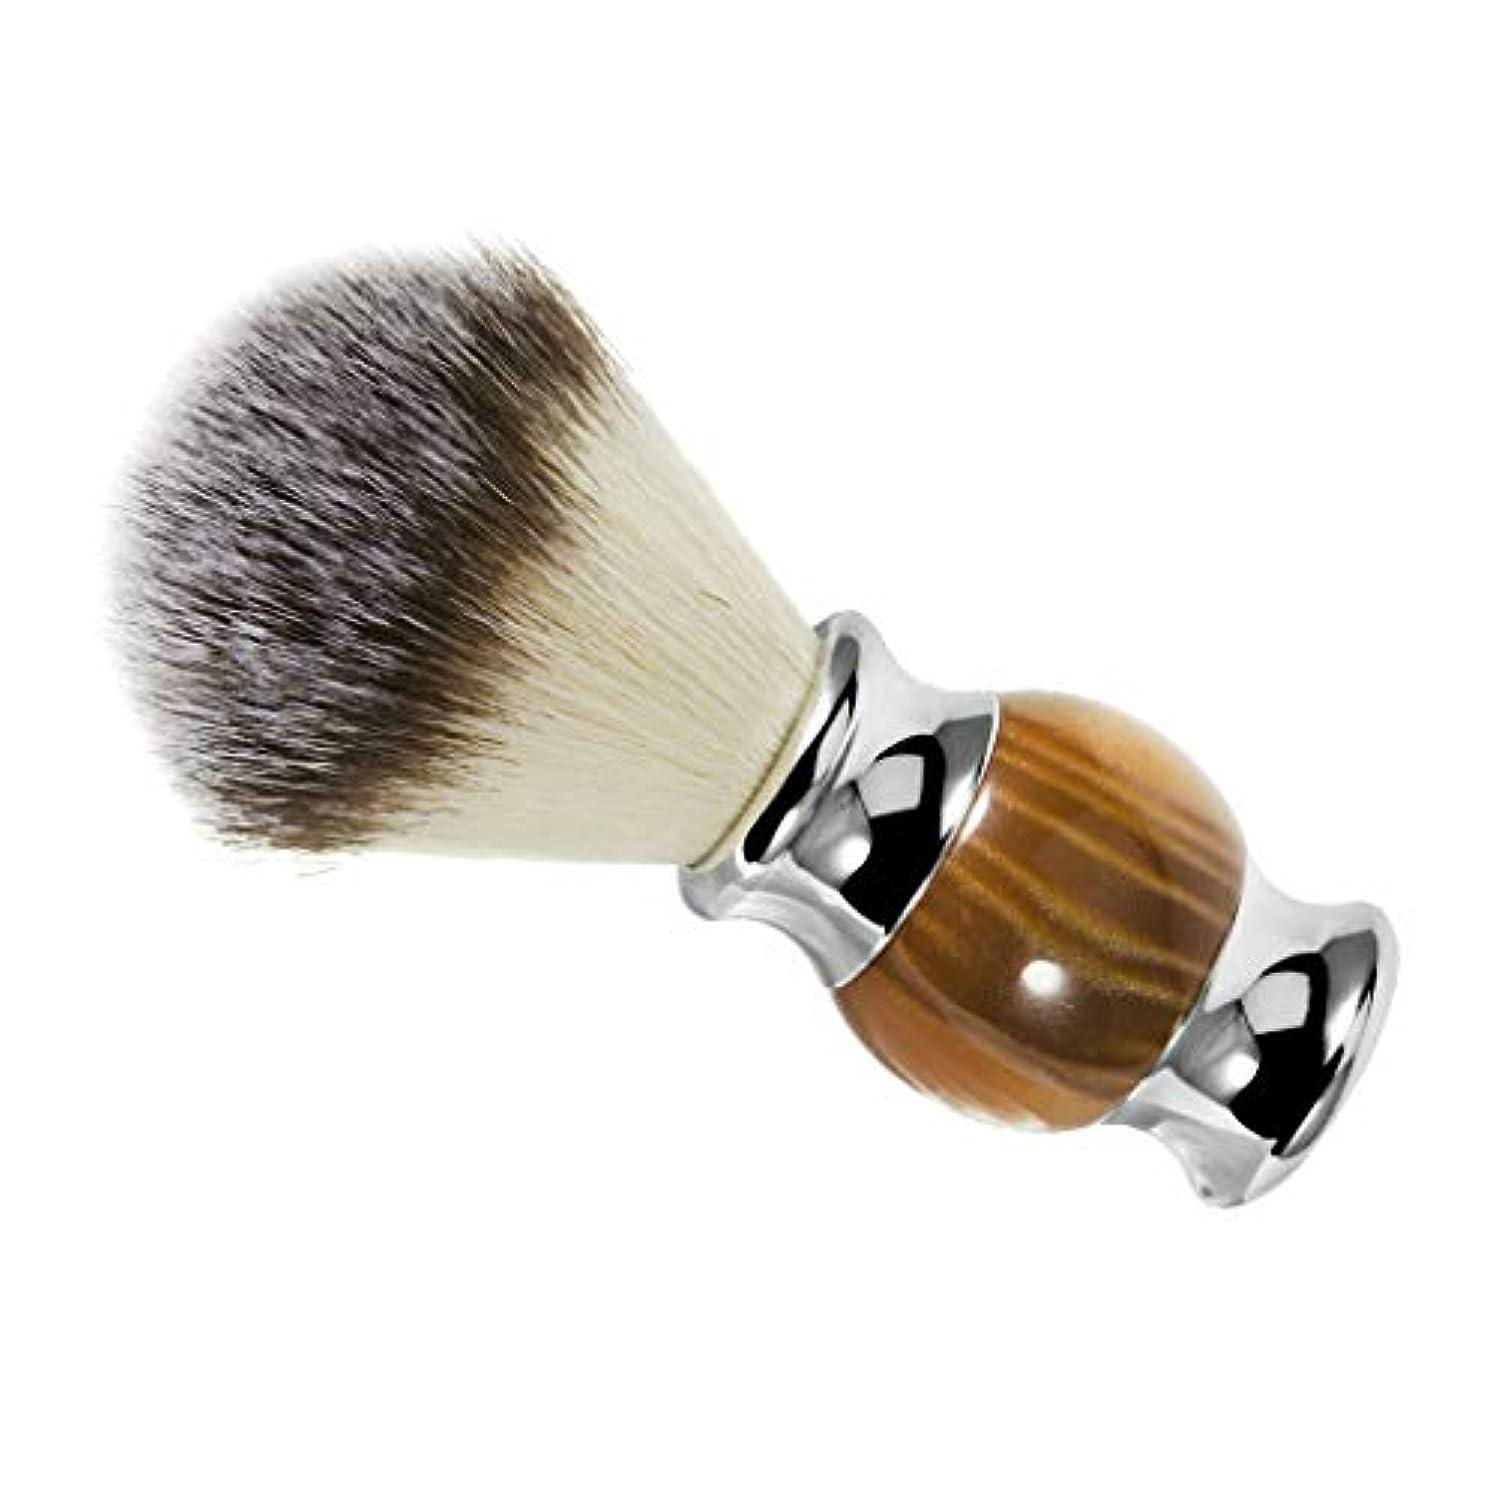 仕立て屋師匠ケージシェービングブラシ メンズ ひげ剃りブラシ ひげ剃り 髭剃り 父の日ギフト サロンツール